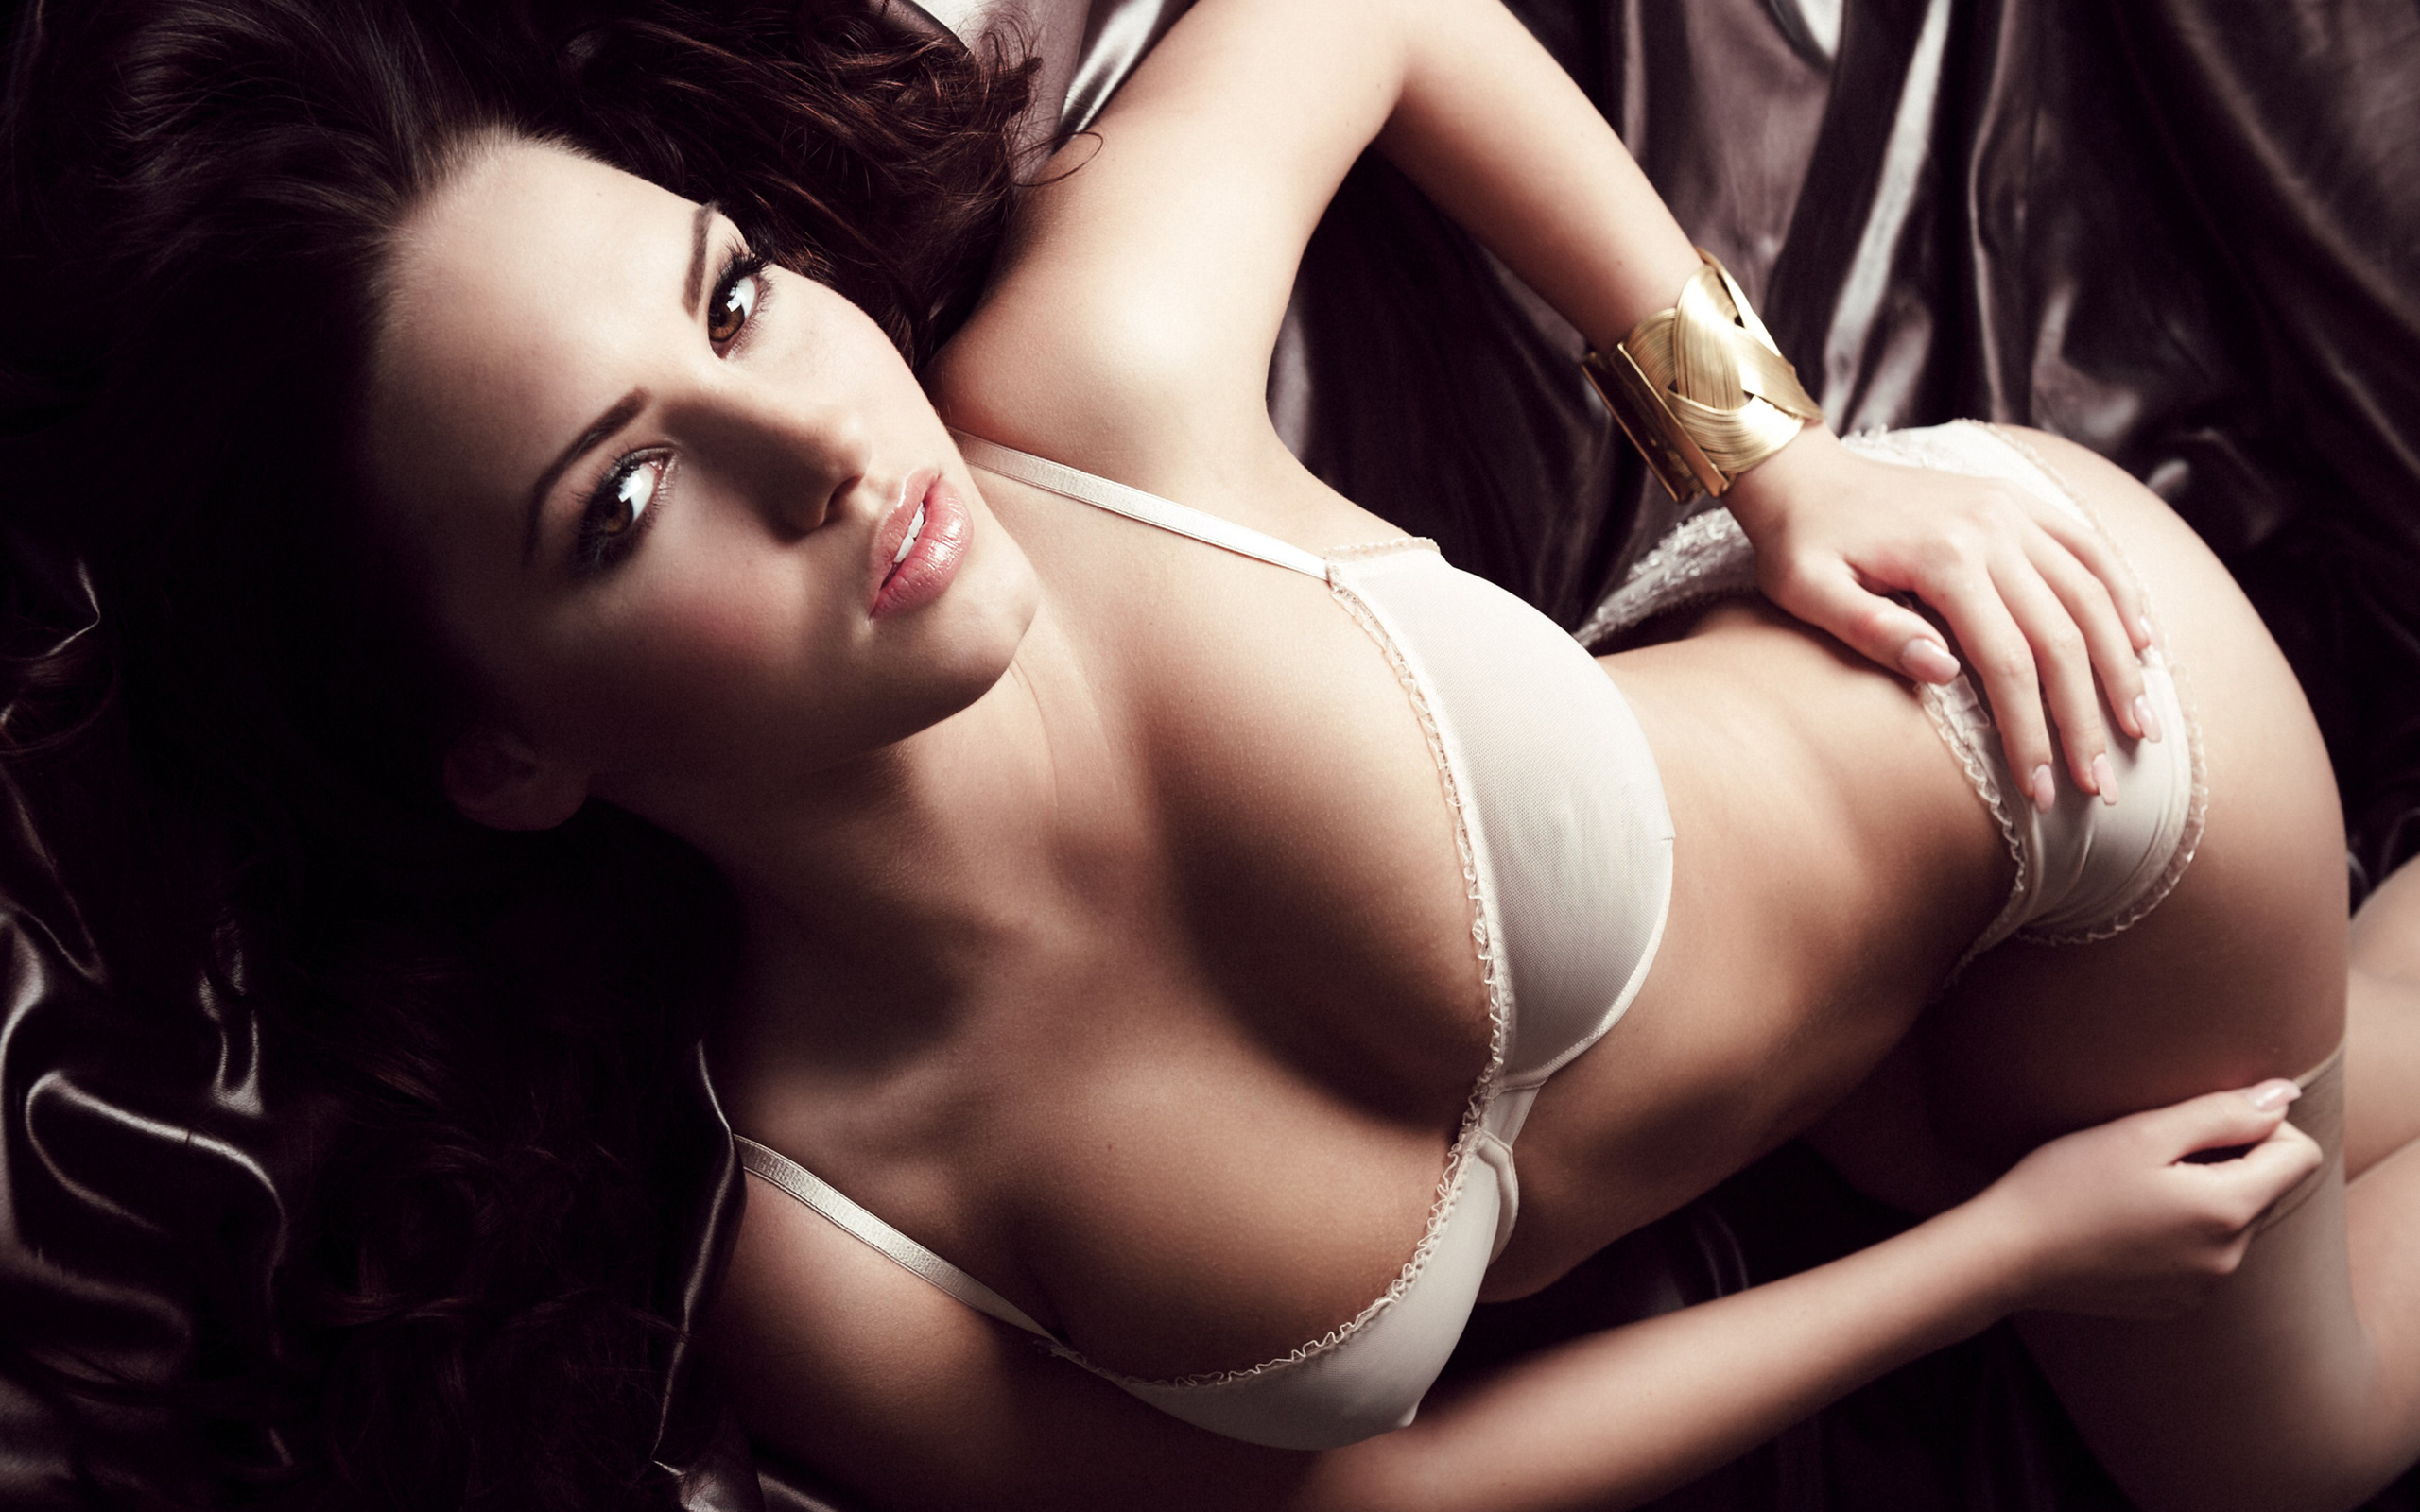 видео и фото сексуальных девушек - 7